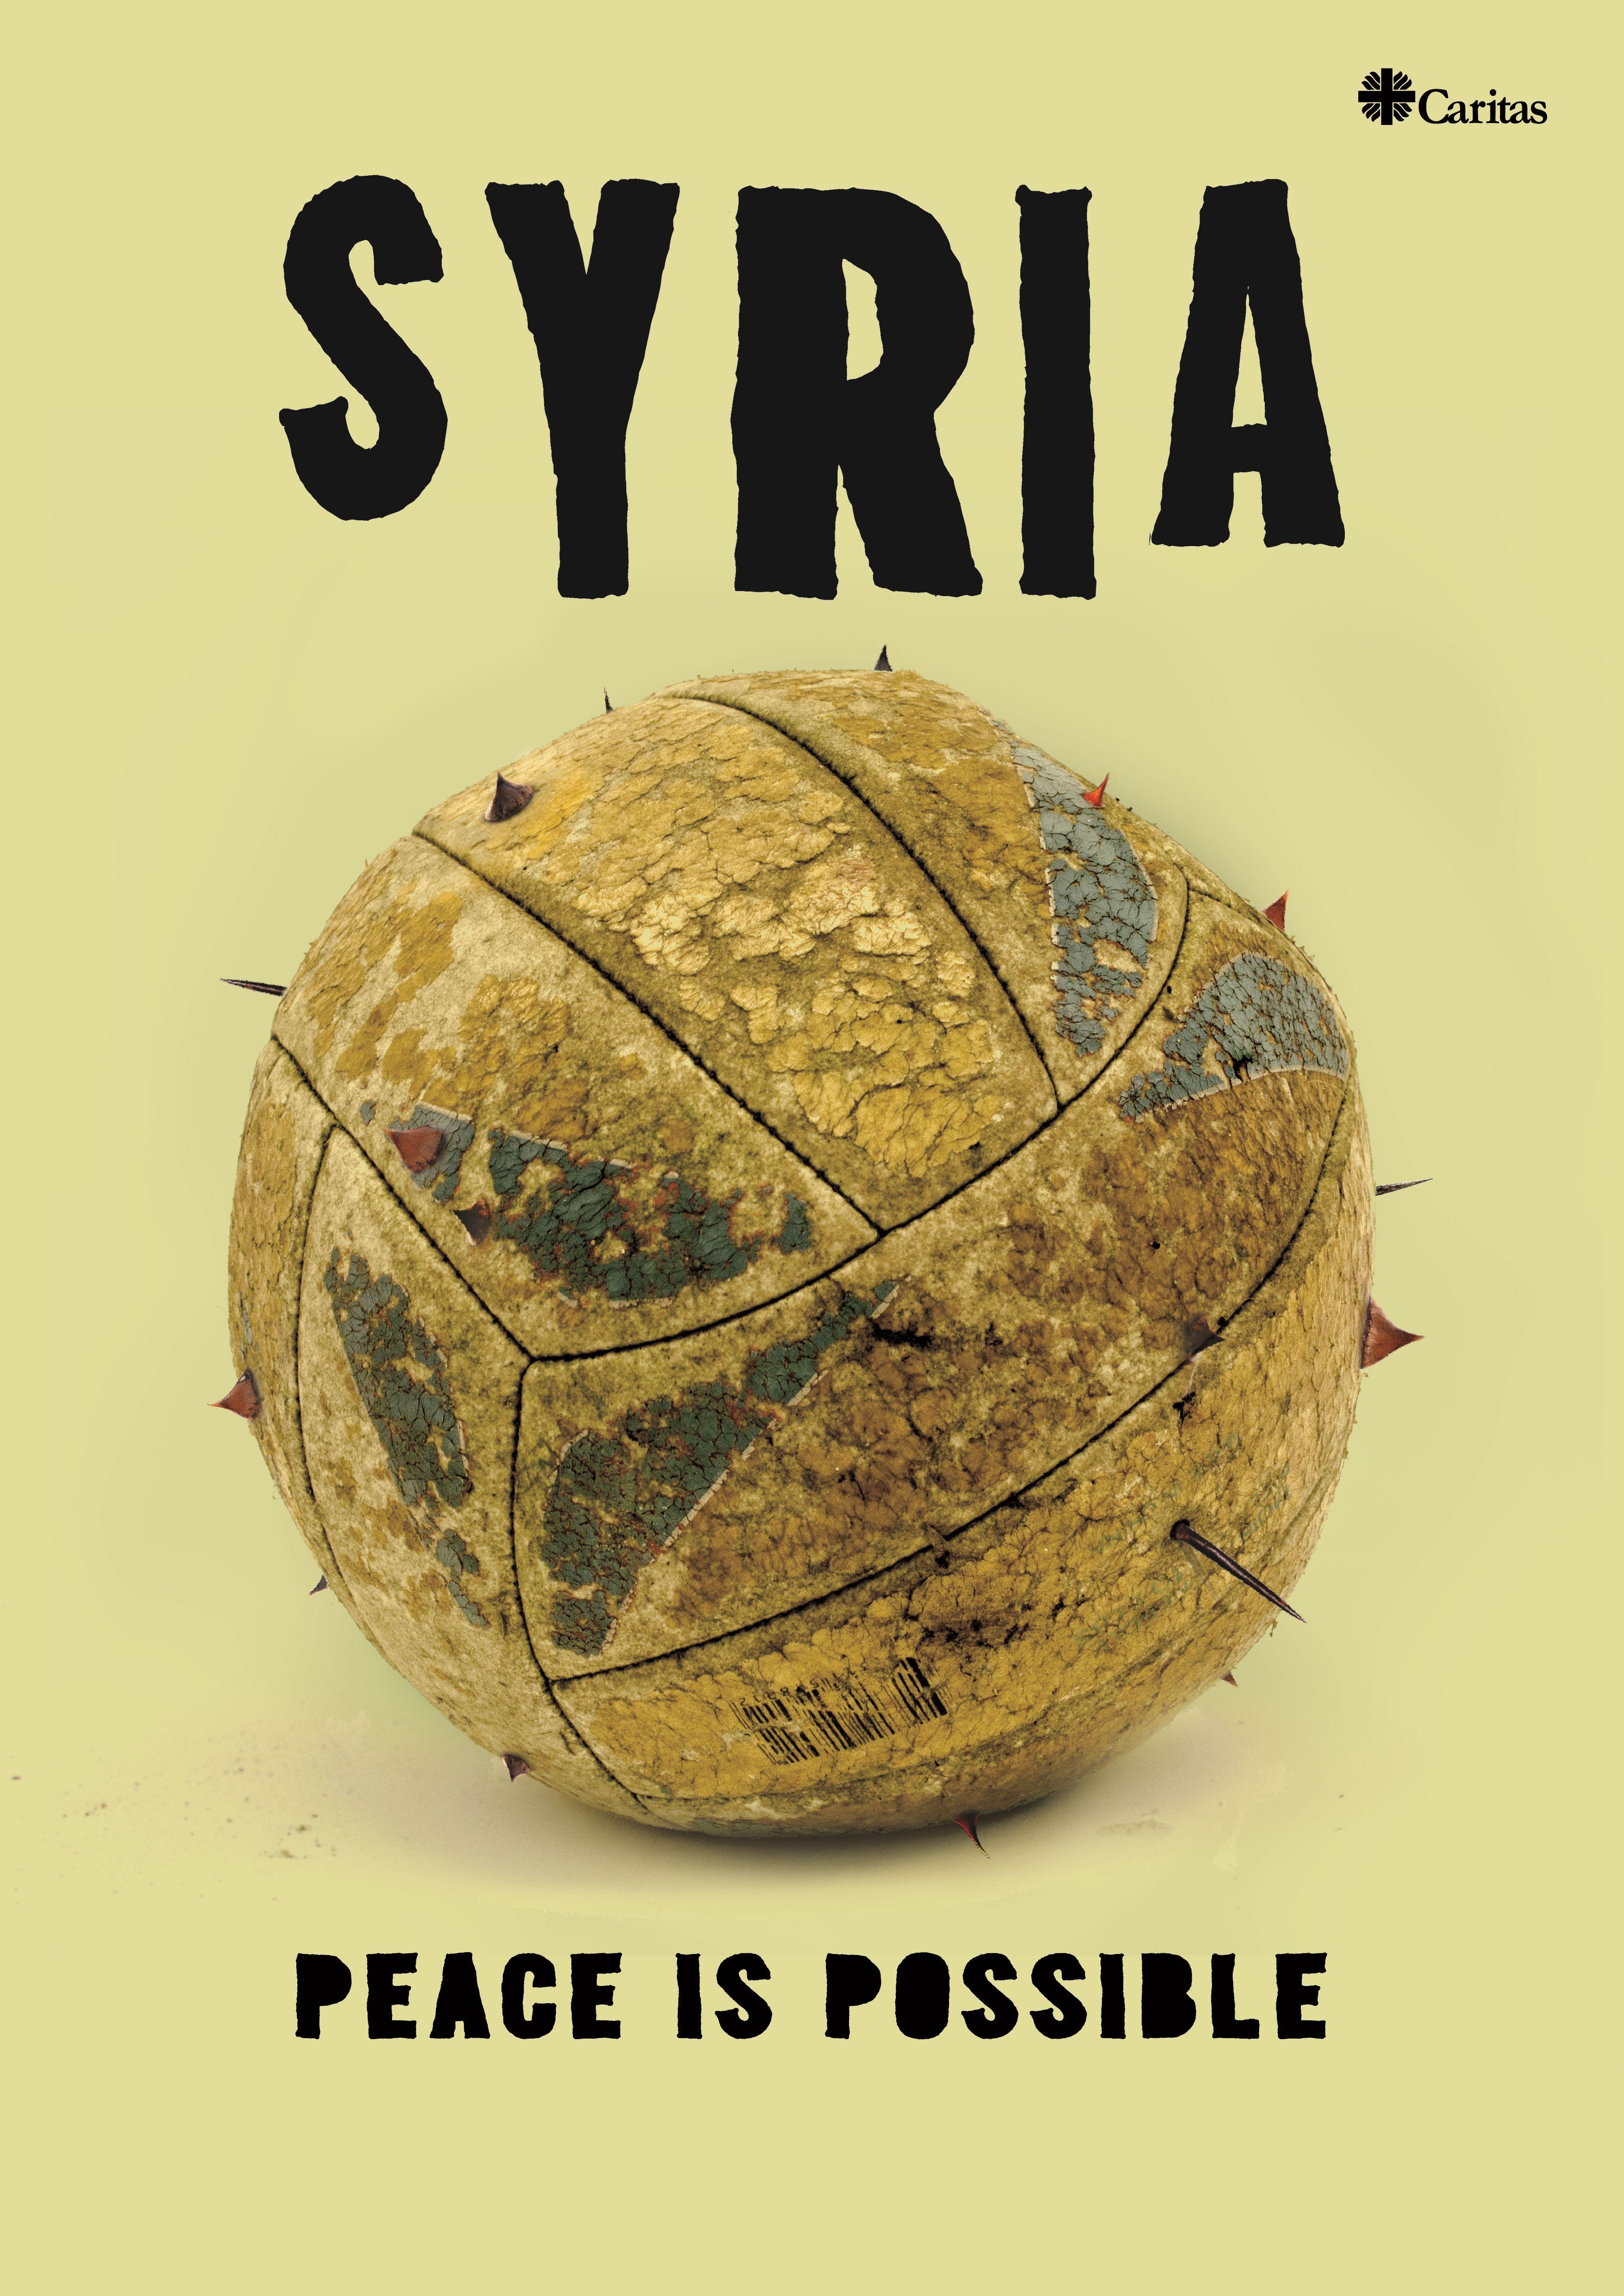 Začetek kampanje mreže Caritas Internationalis za mir v Siriji